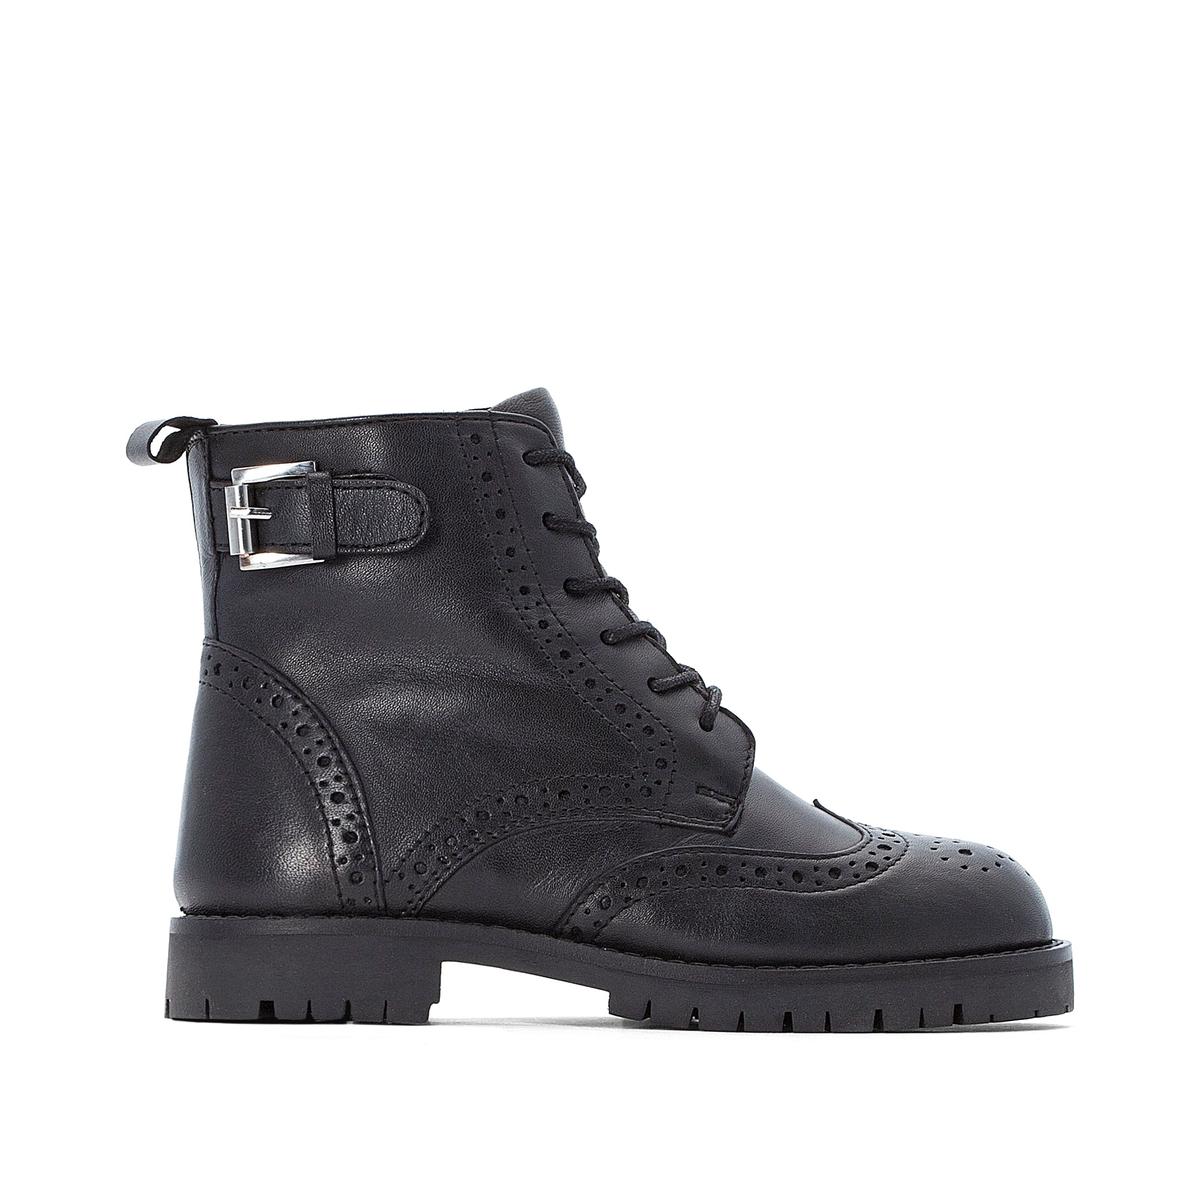 Ботинки La Redoute На шнуровке из кожи с пряжкой разм 26 черный портфель сумка кожа комбинированный черный с тёмно коричневой отделкой разм 38х11х30 см